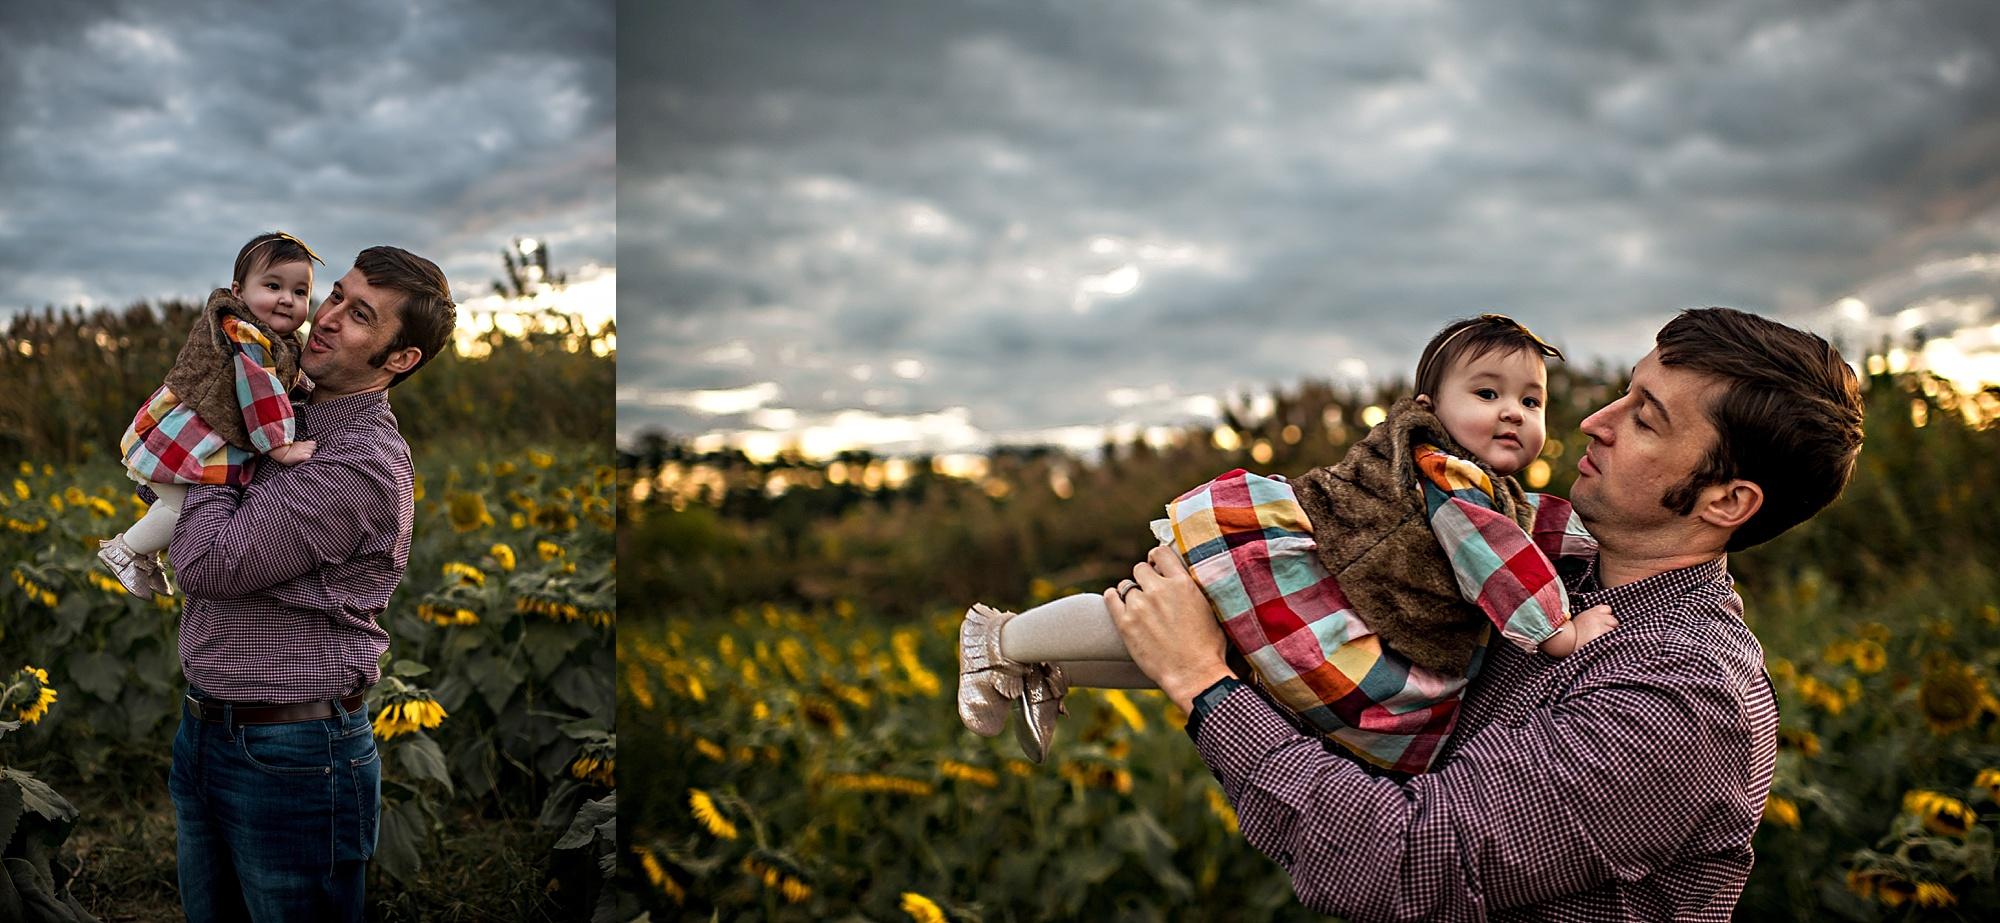 Turner-family-akron-ohio-photographer-lauren-grayson-sunflower-field-session_0027.jpg